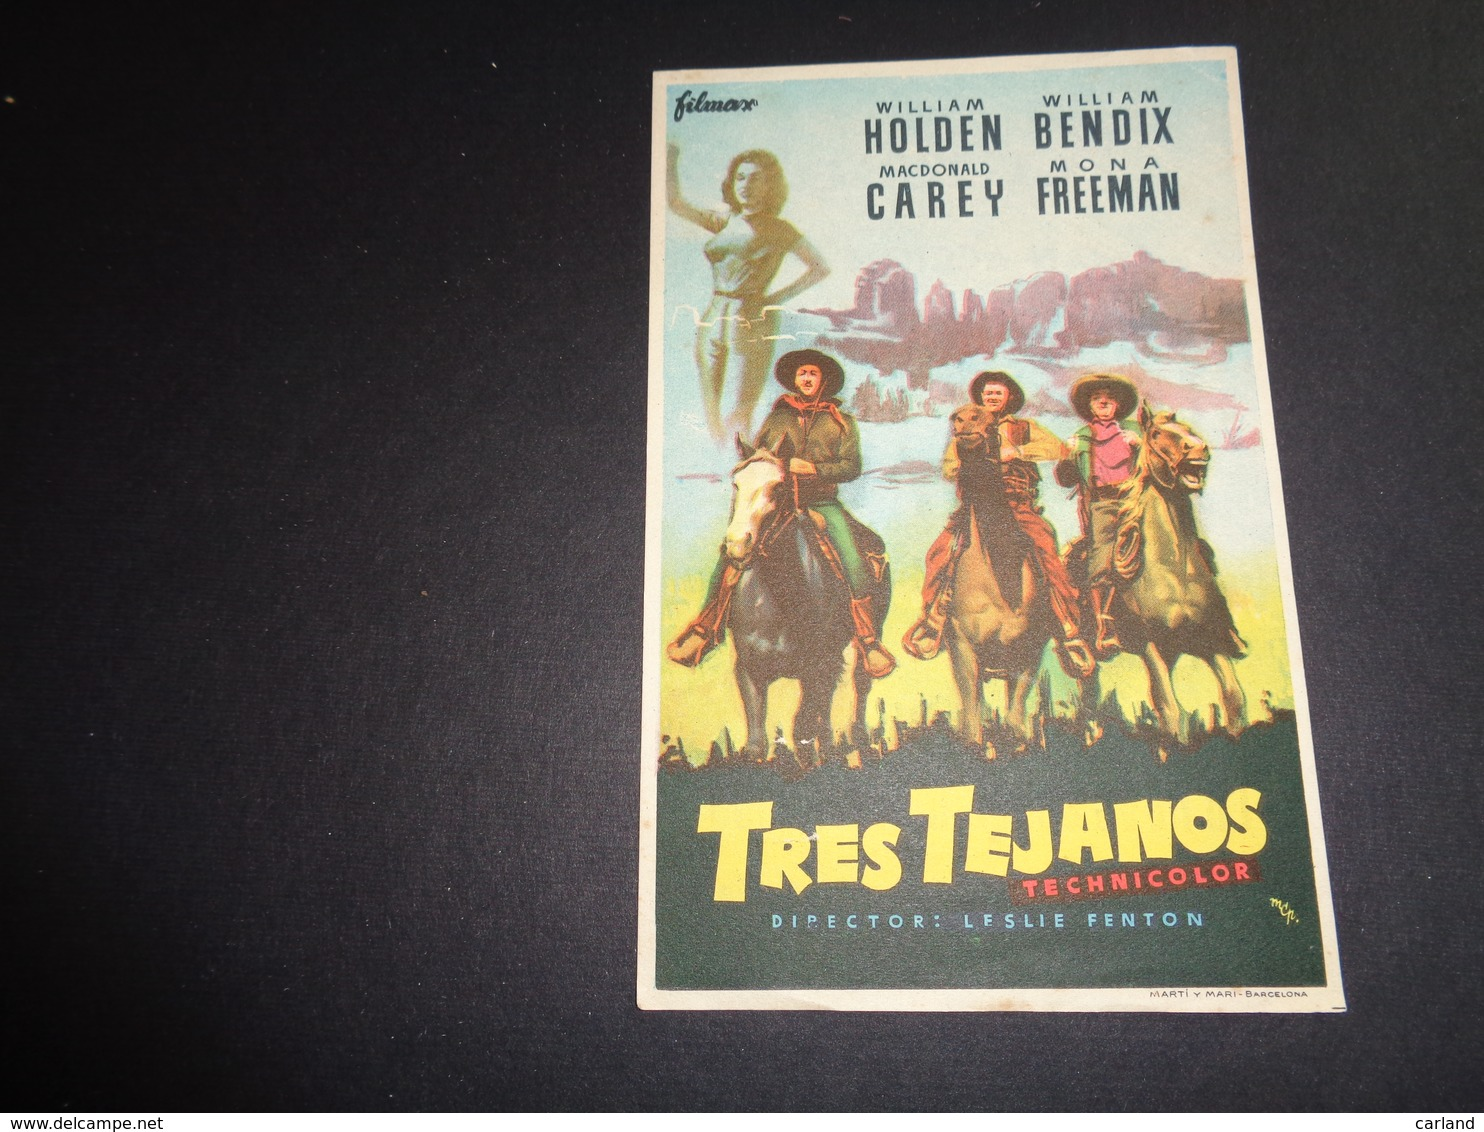 Artiste ( 258 )  Acteur - Affichette Espagnol Cinéma  Ciné Espagne  Espana  :  Cowboy   William Holden - Publicité Cinématographique